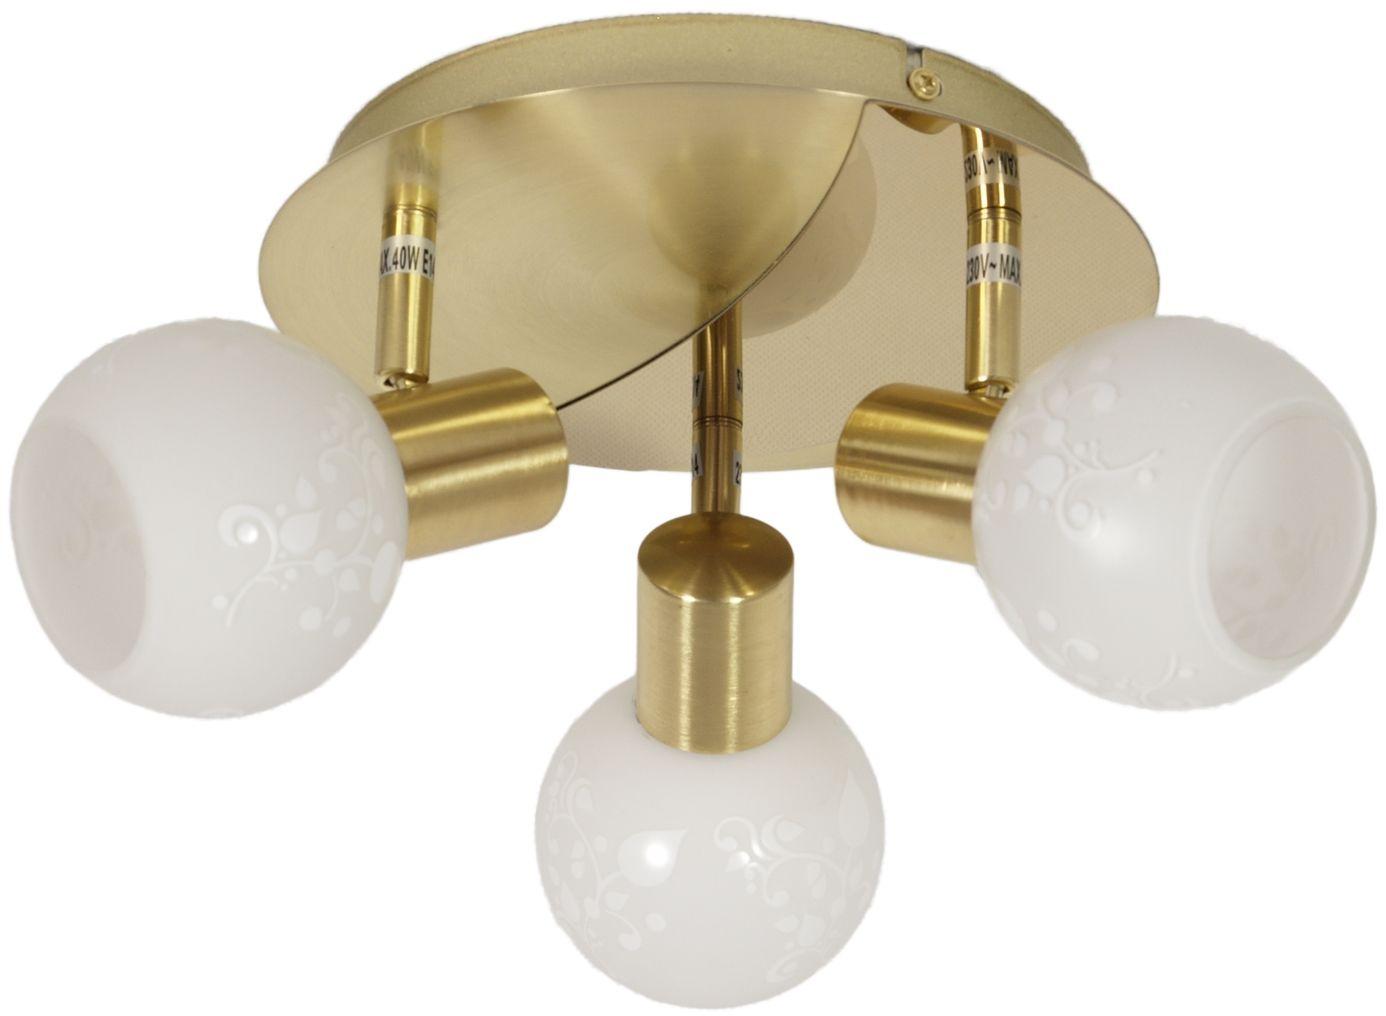 Candellux AVILA 98-07131 plafon lampa sufitowa mosiądz szklany klosz 3X40W E14 36cm